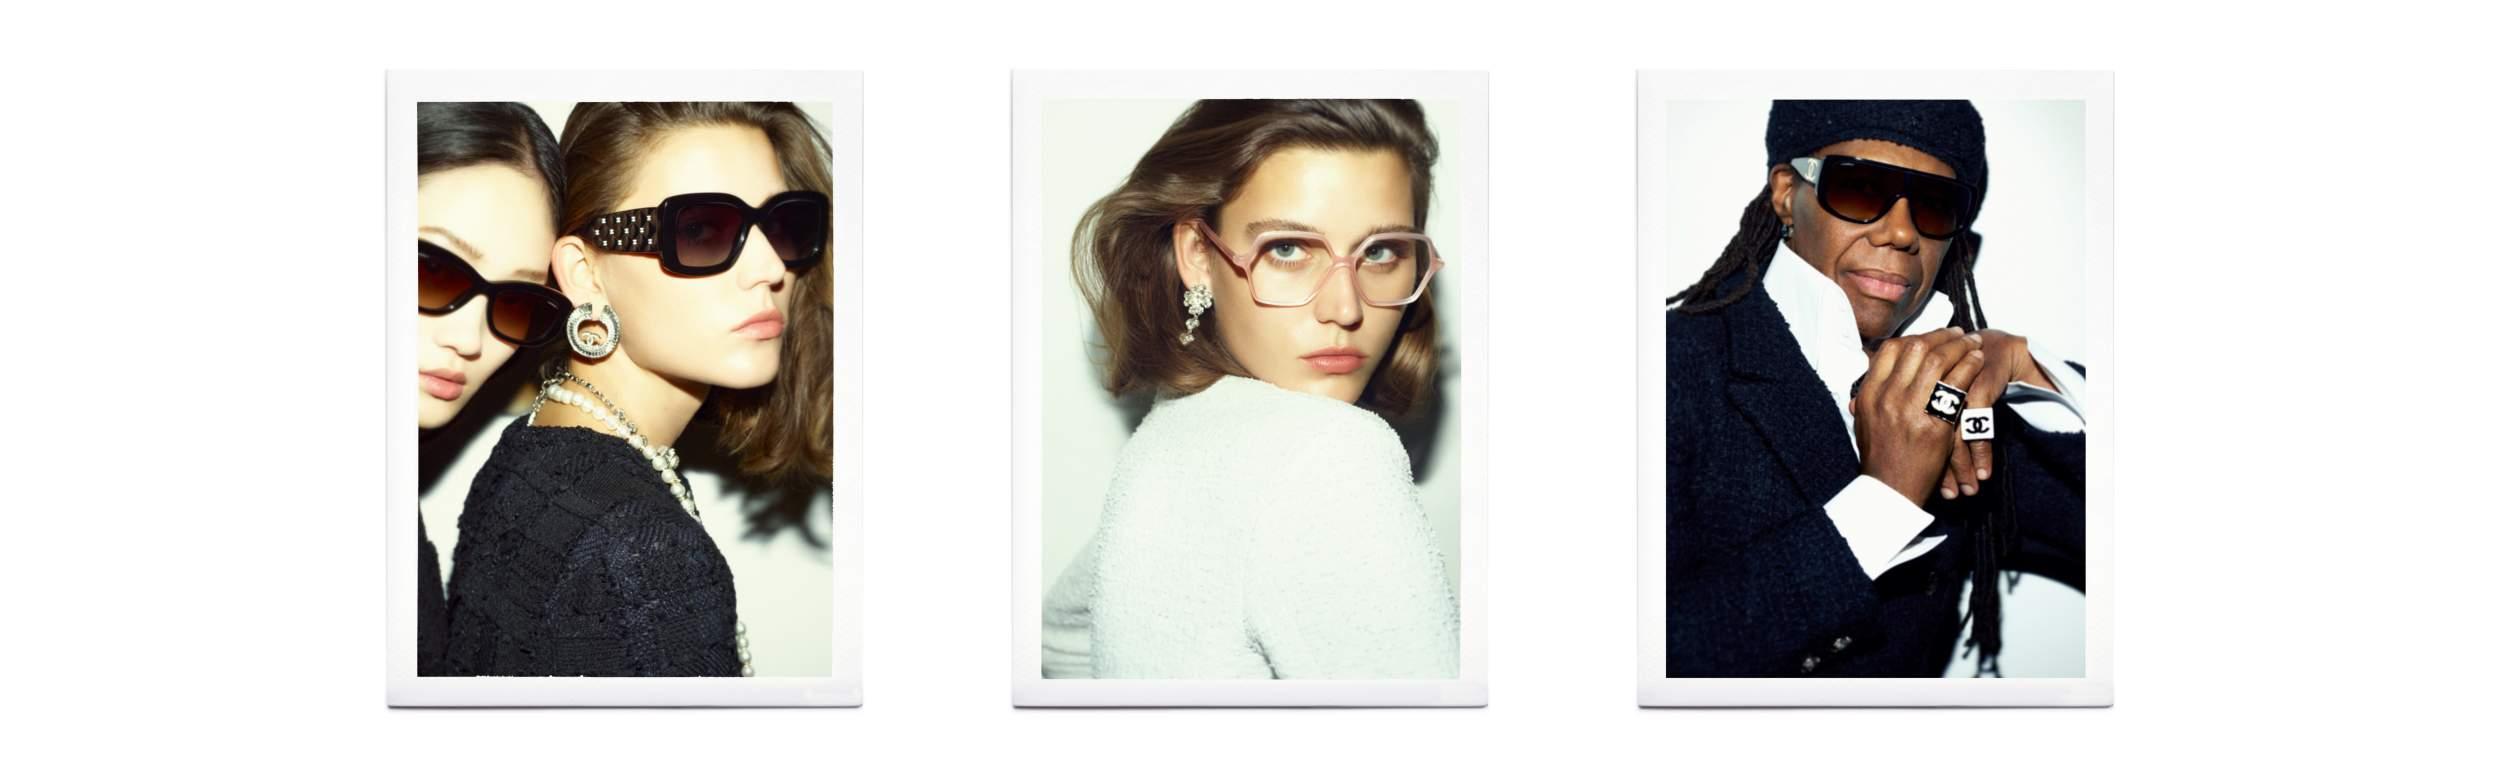 Chanel DamenBrillen und Herrenbrillen